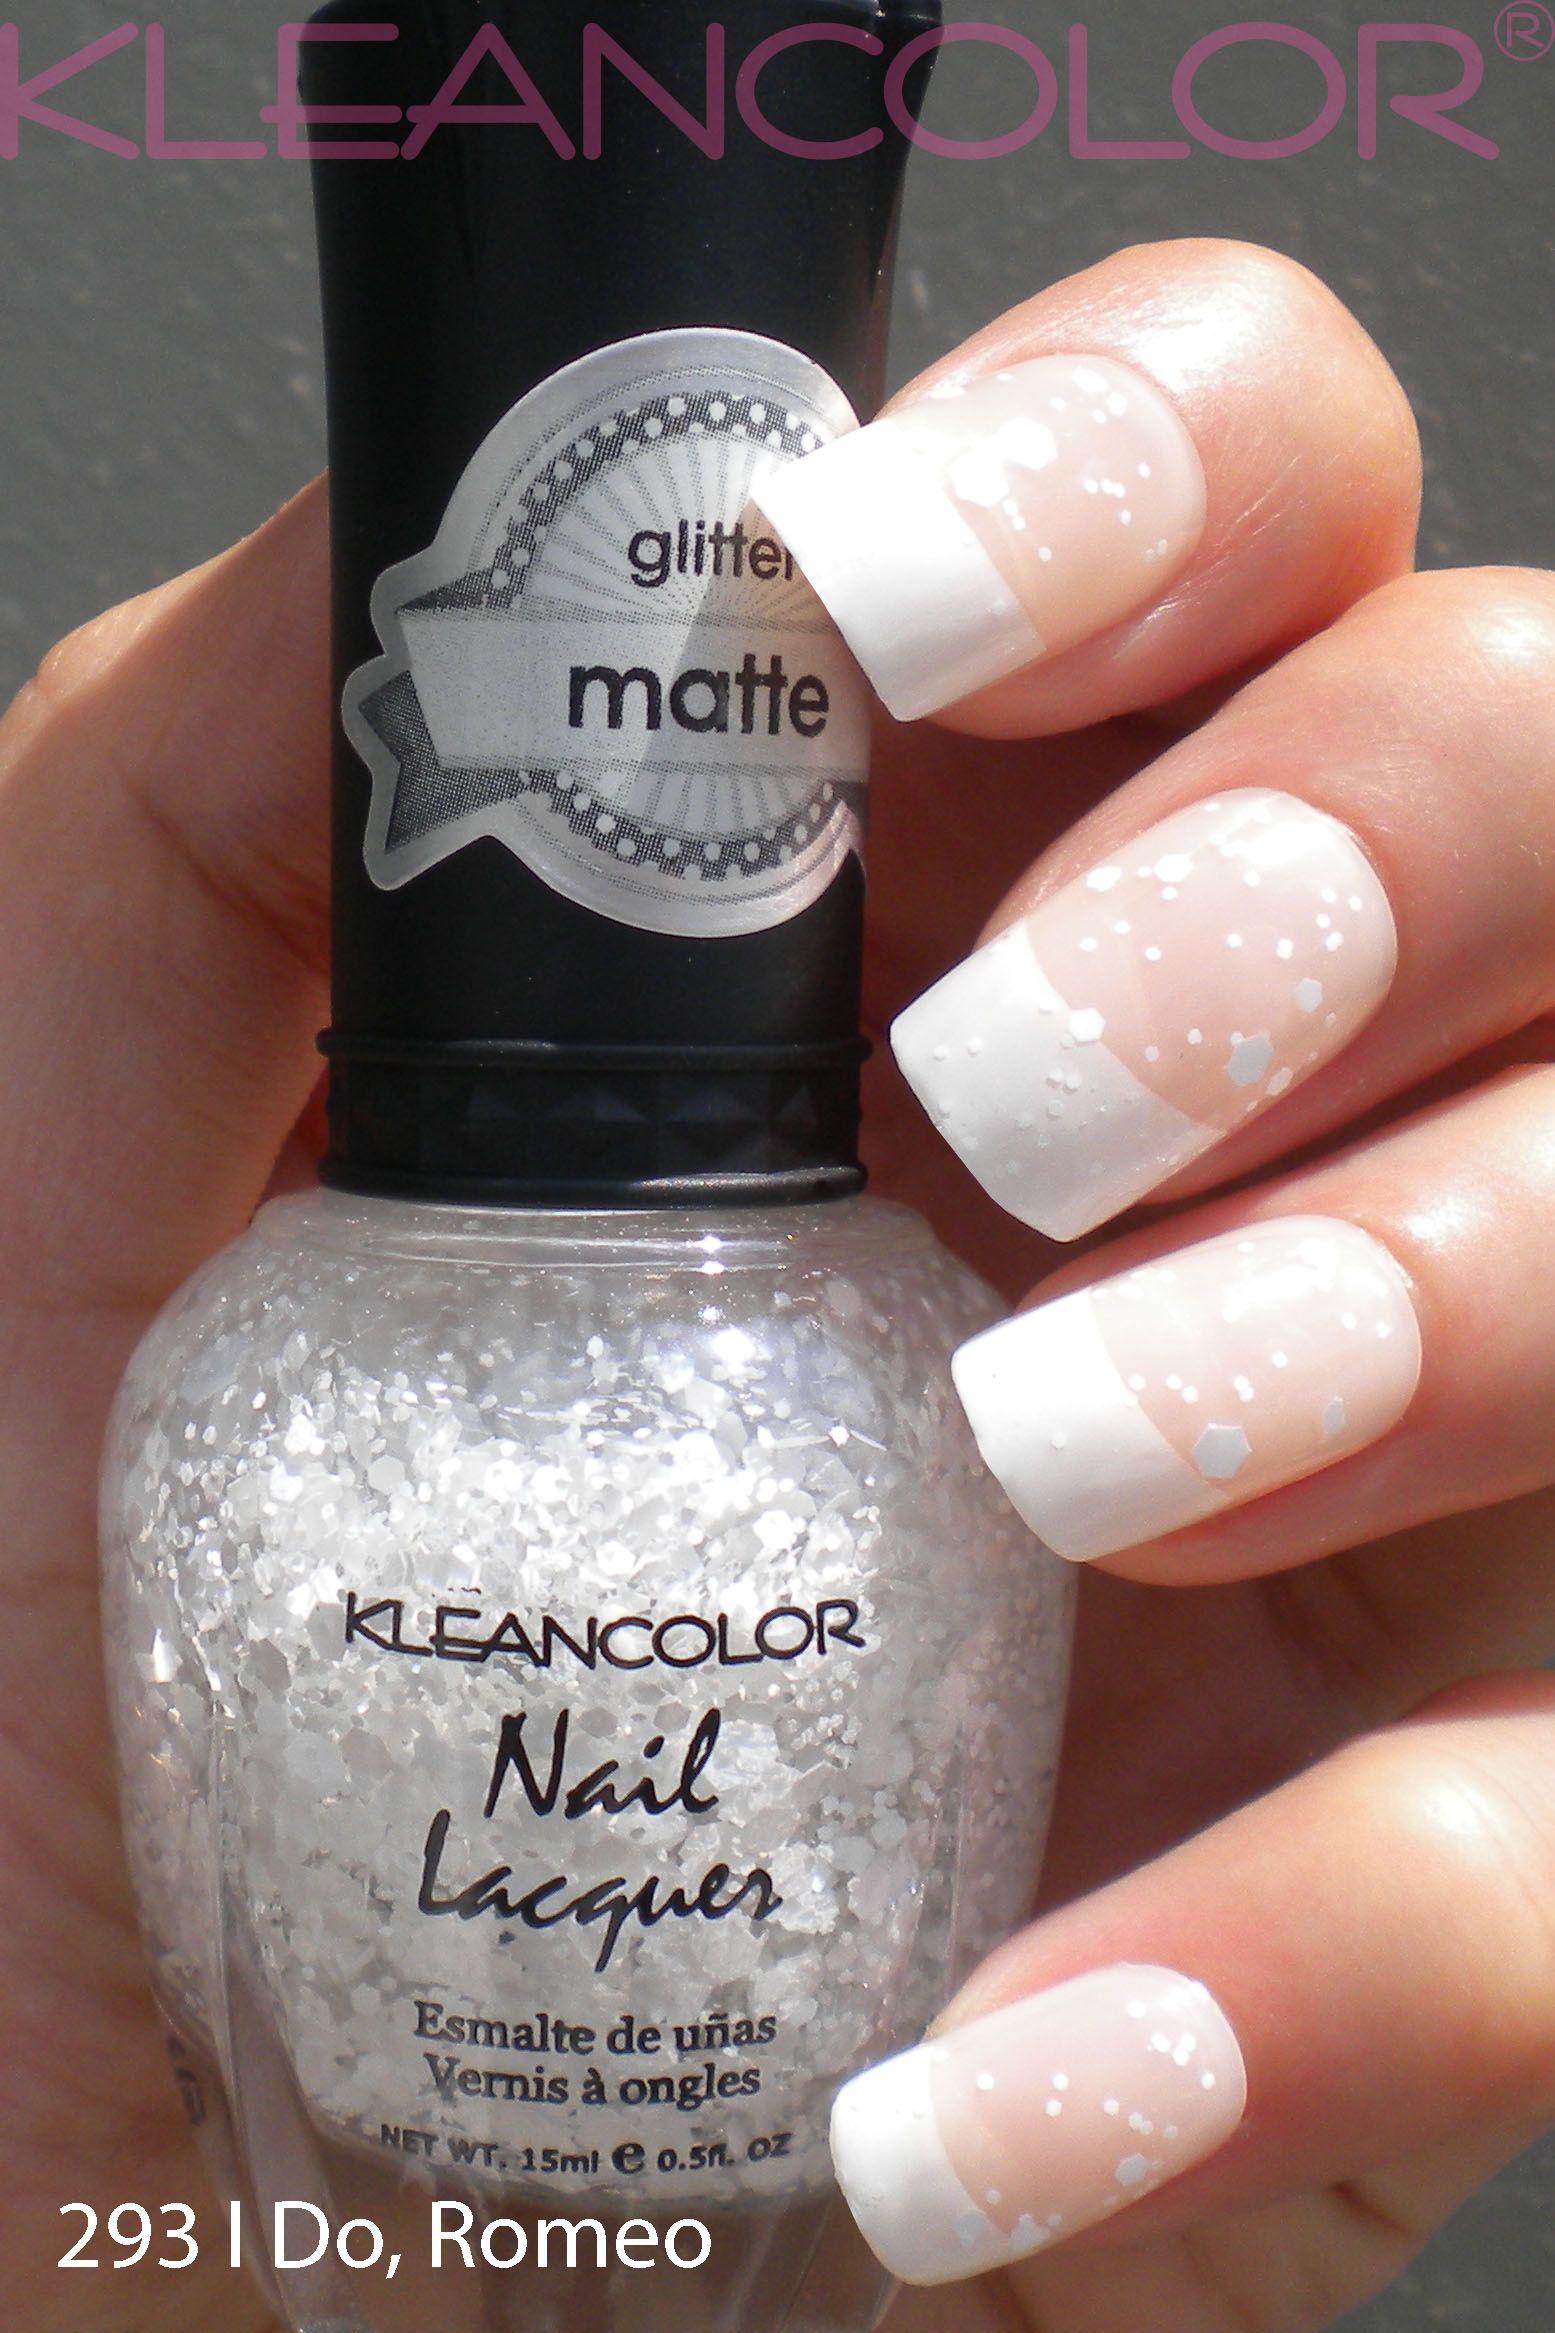 293 I Do, Romeo #matteglitter #matte #polish | Matte Nail Lacquer ...